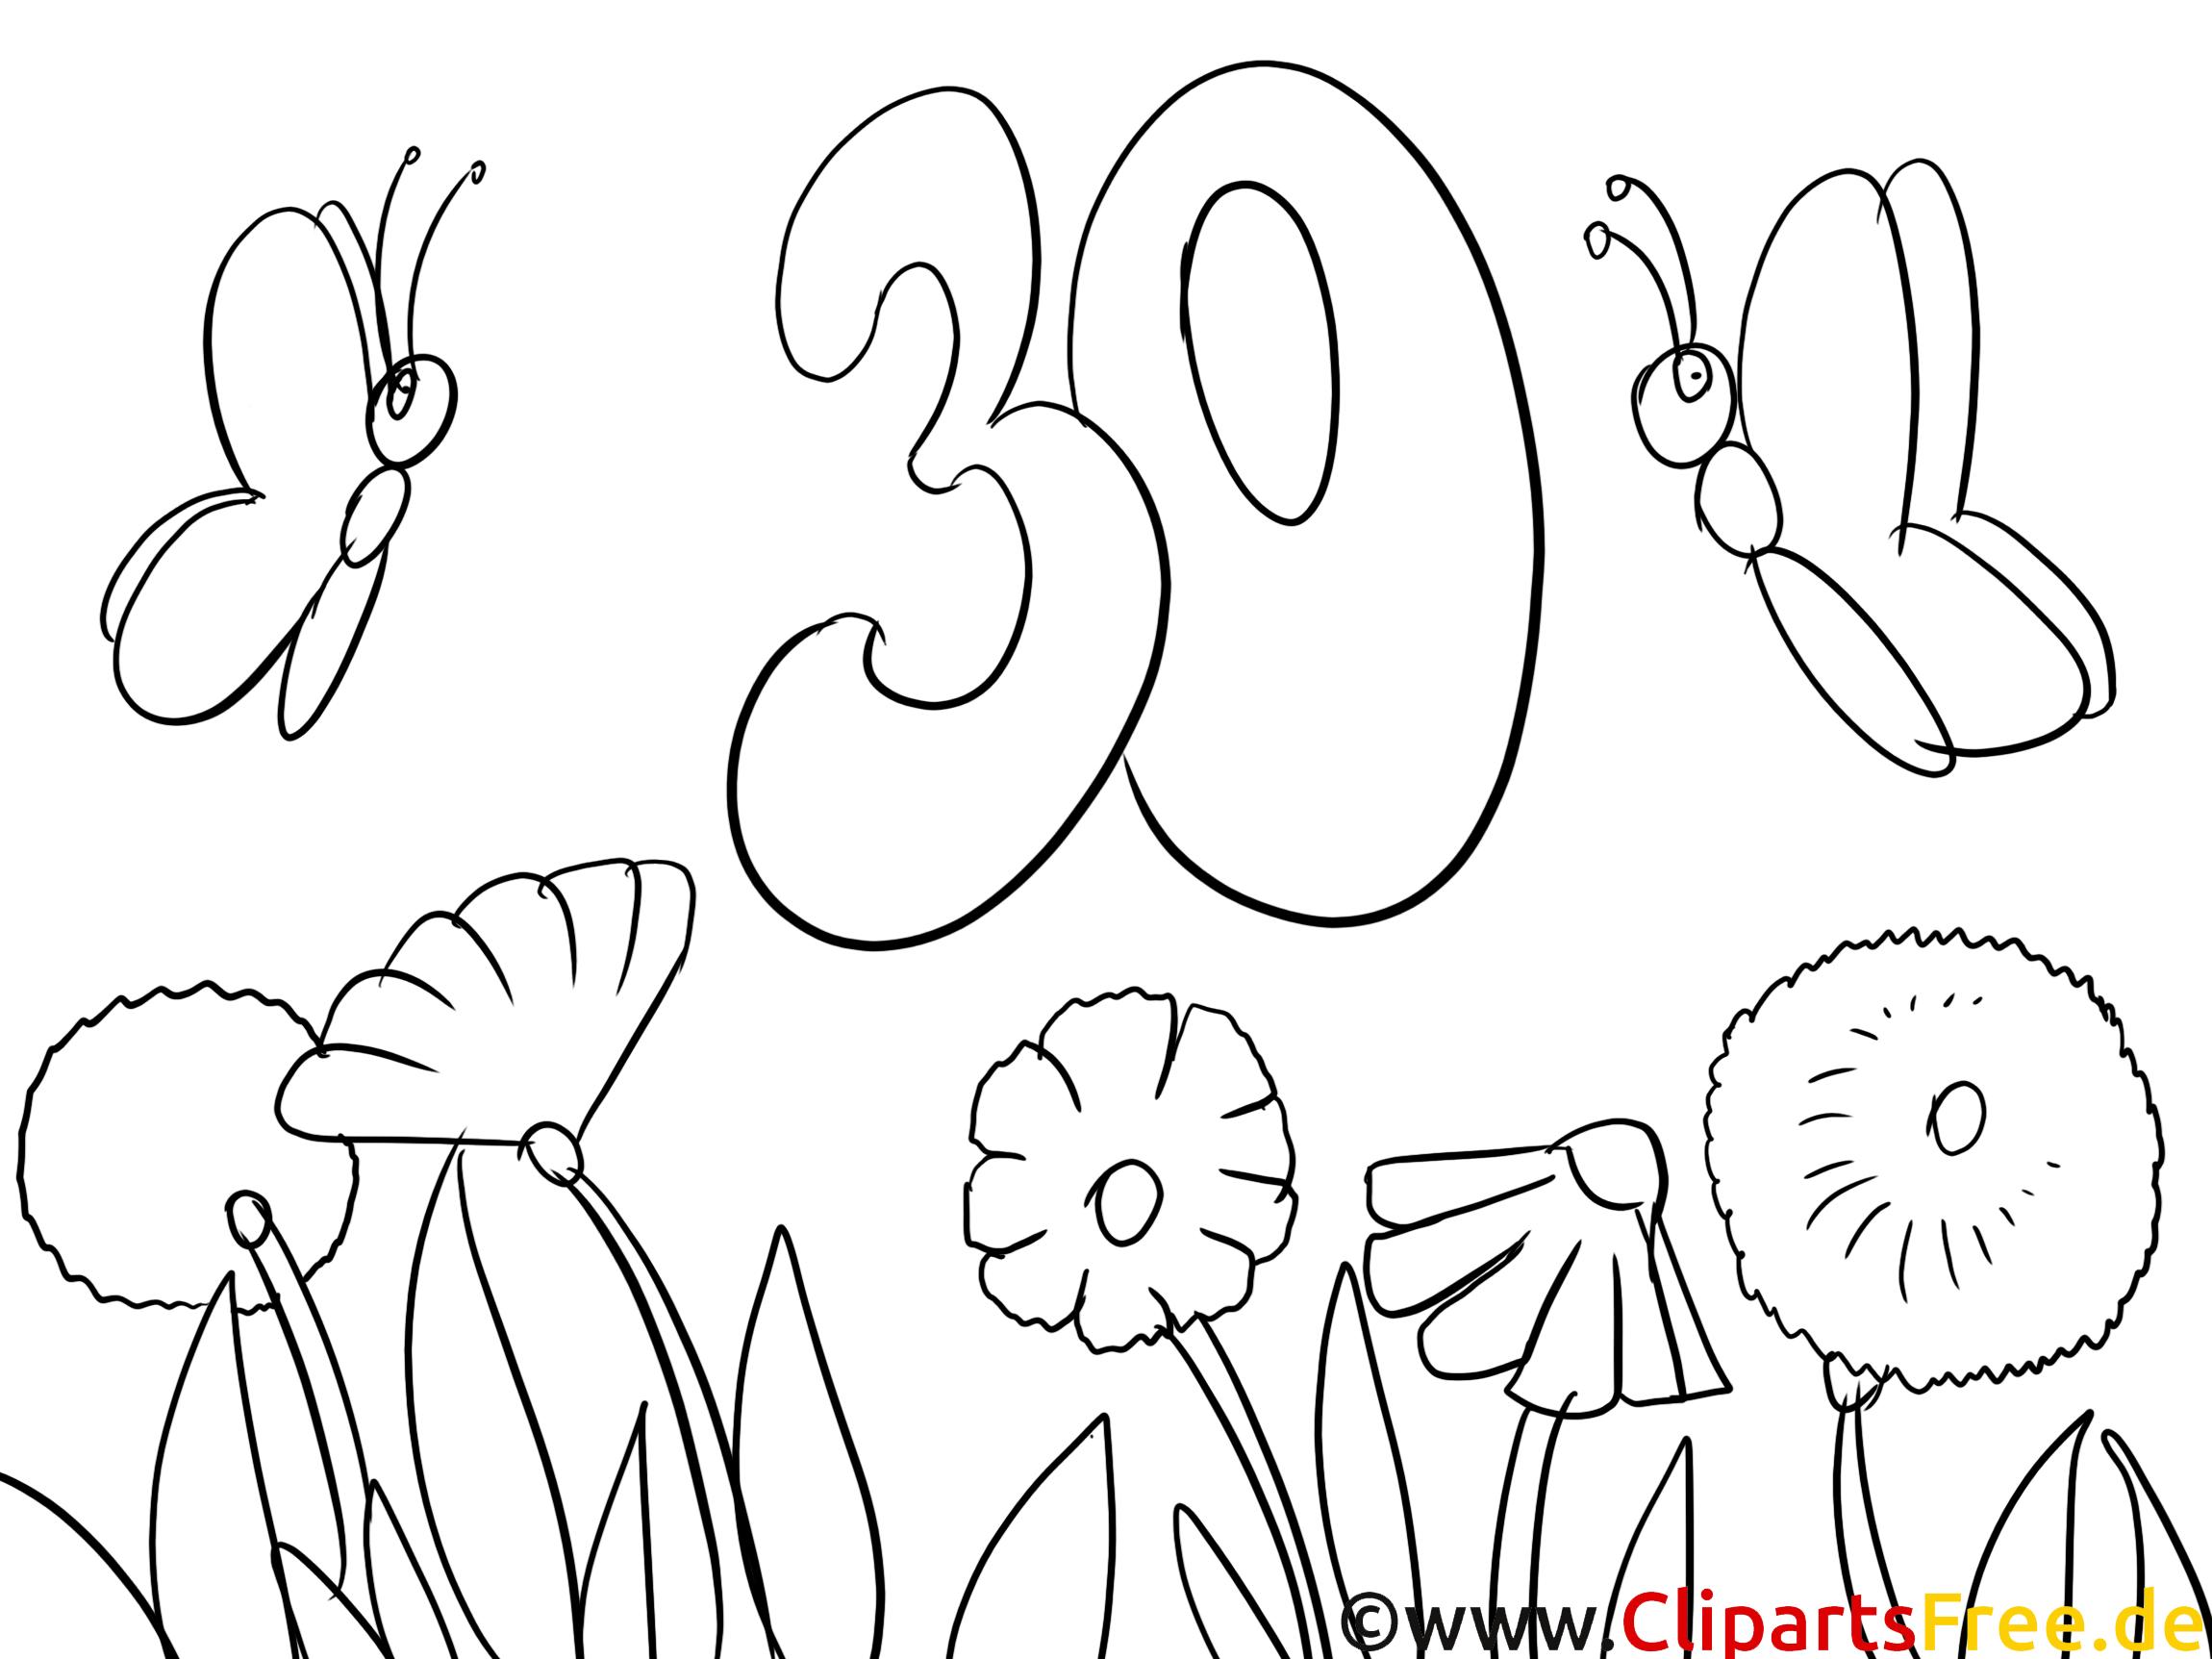 Malvorlage zum 30 Geburtstag